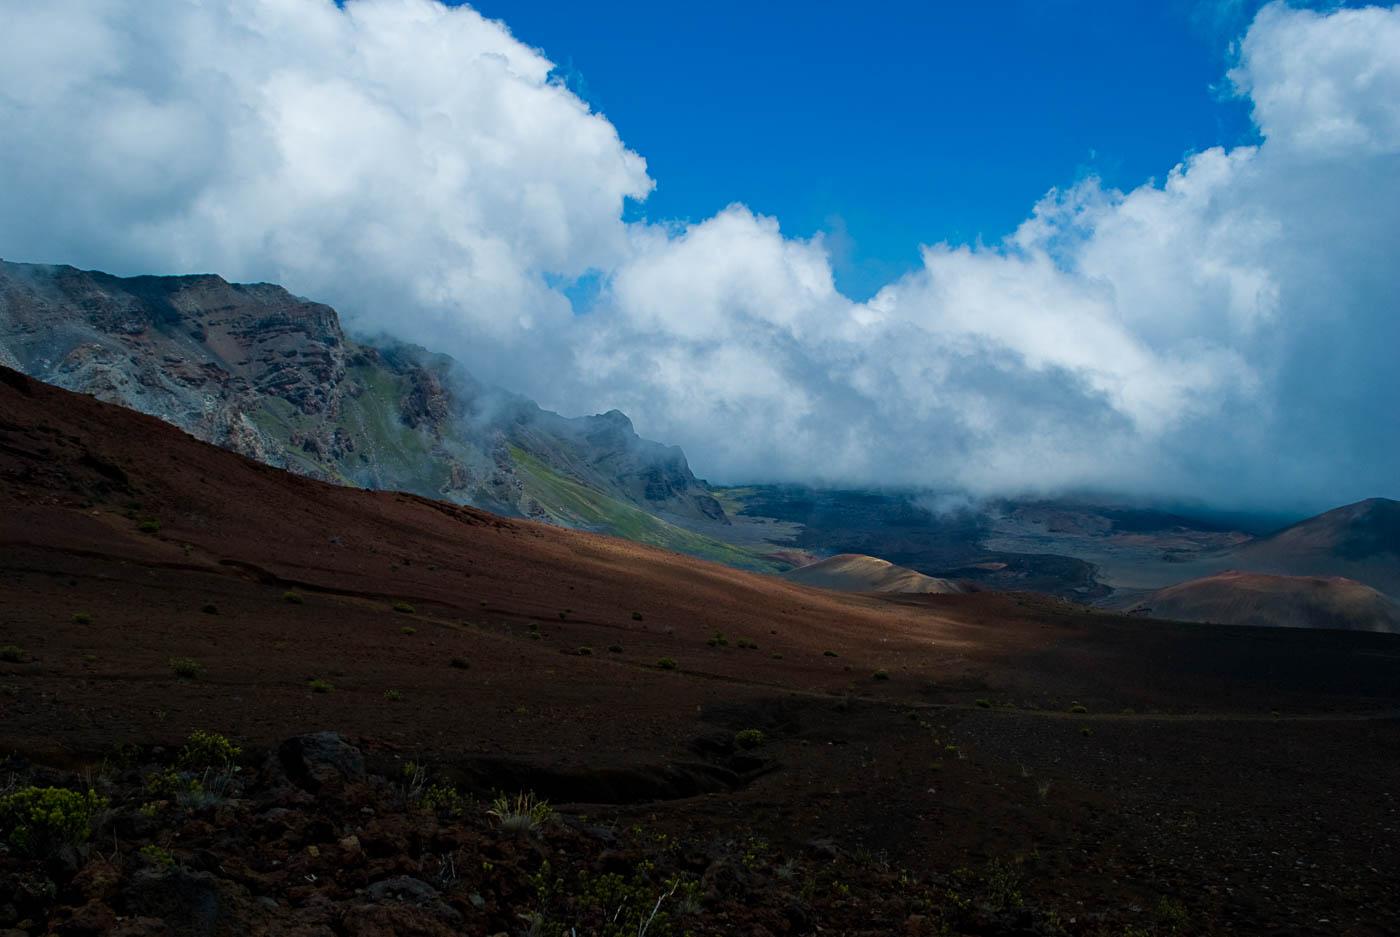 Haleakala Morning - Haleakala Crater, Maui | Pono Images